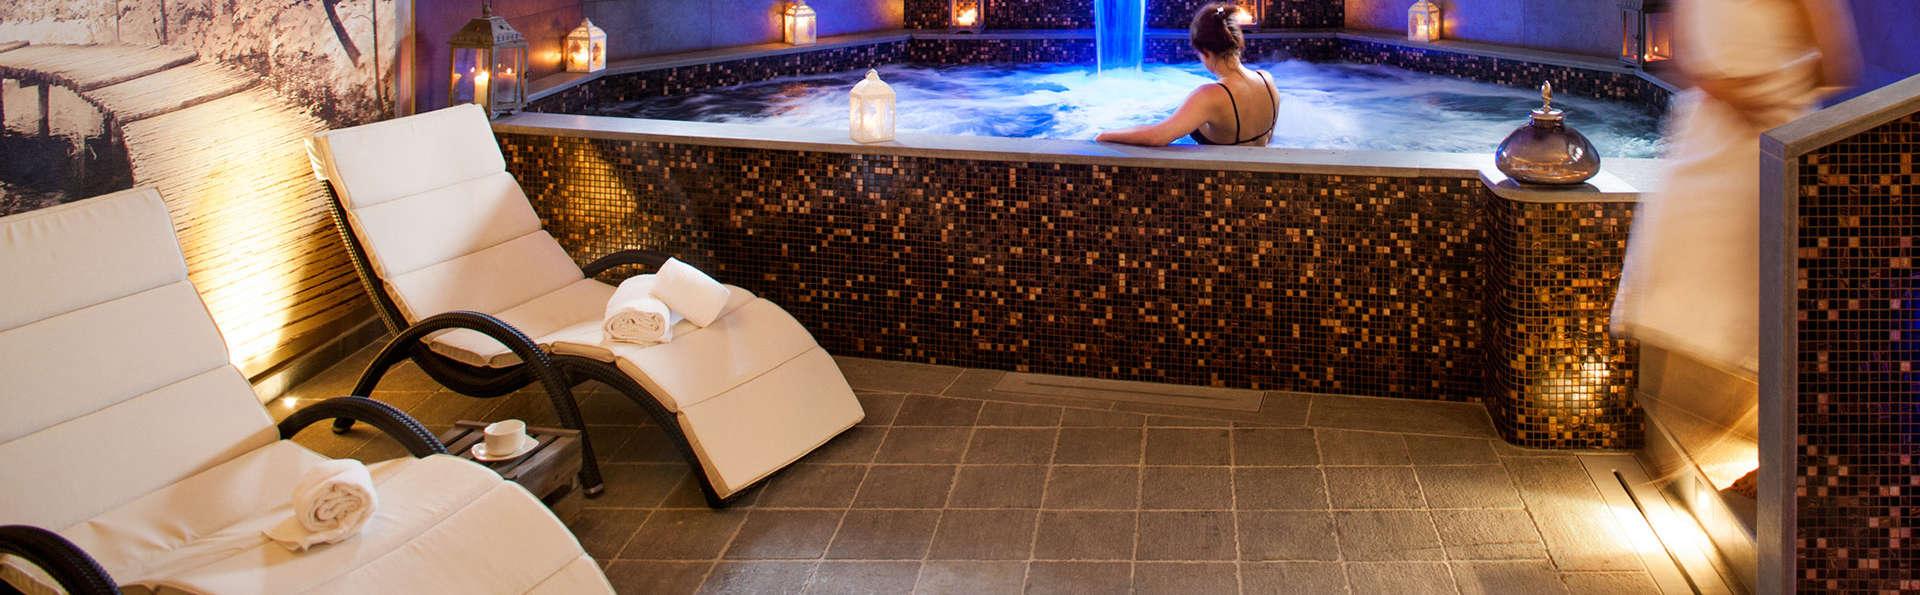 Nuits à San Remo Villa avec accès au spa : détendez-vous sur la côte ligure !